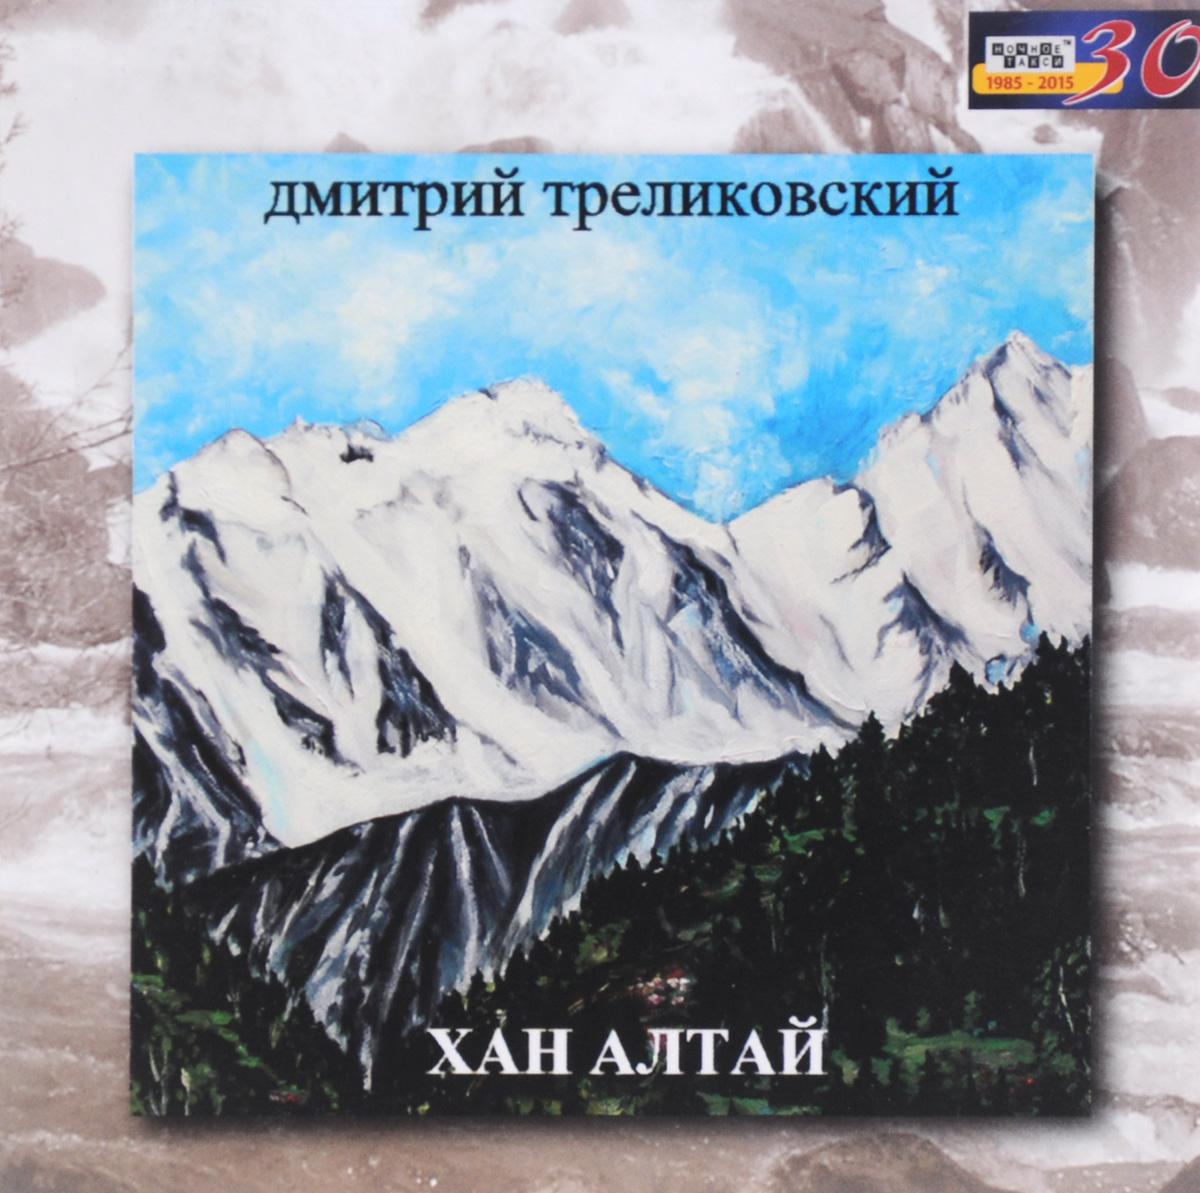 Дмитрий Треликовский Дмитрий Треликовский. Хан Алтай